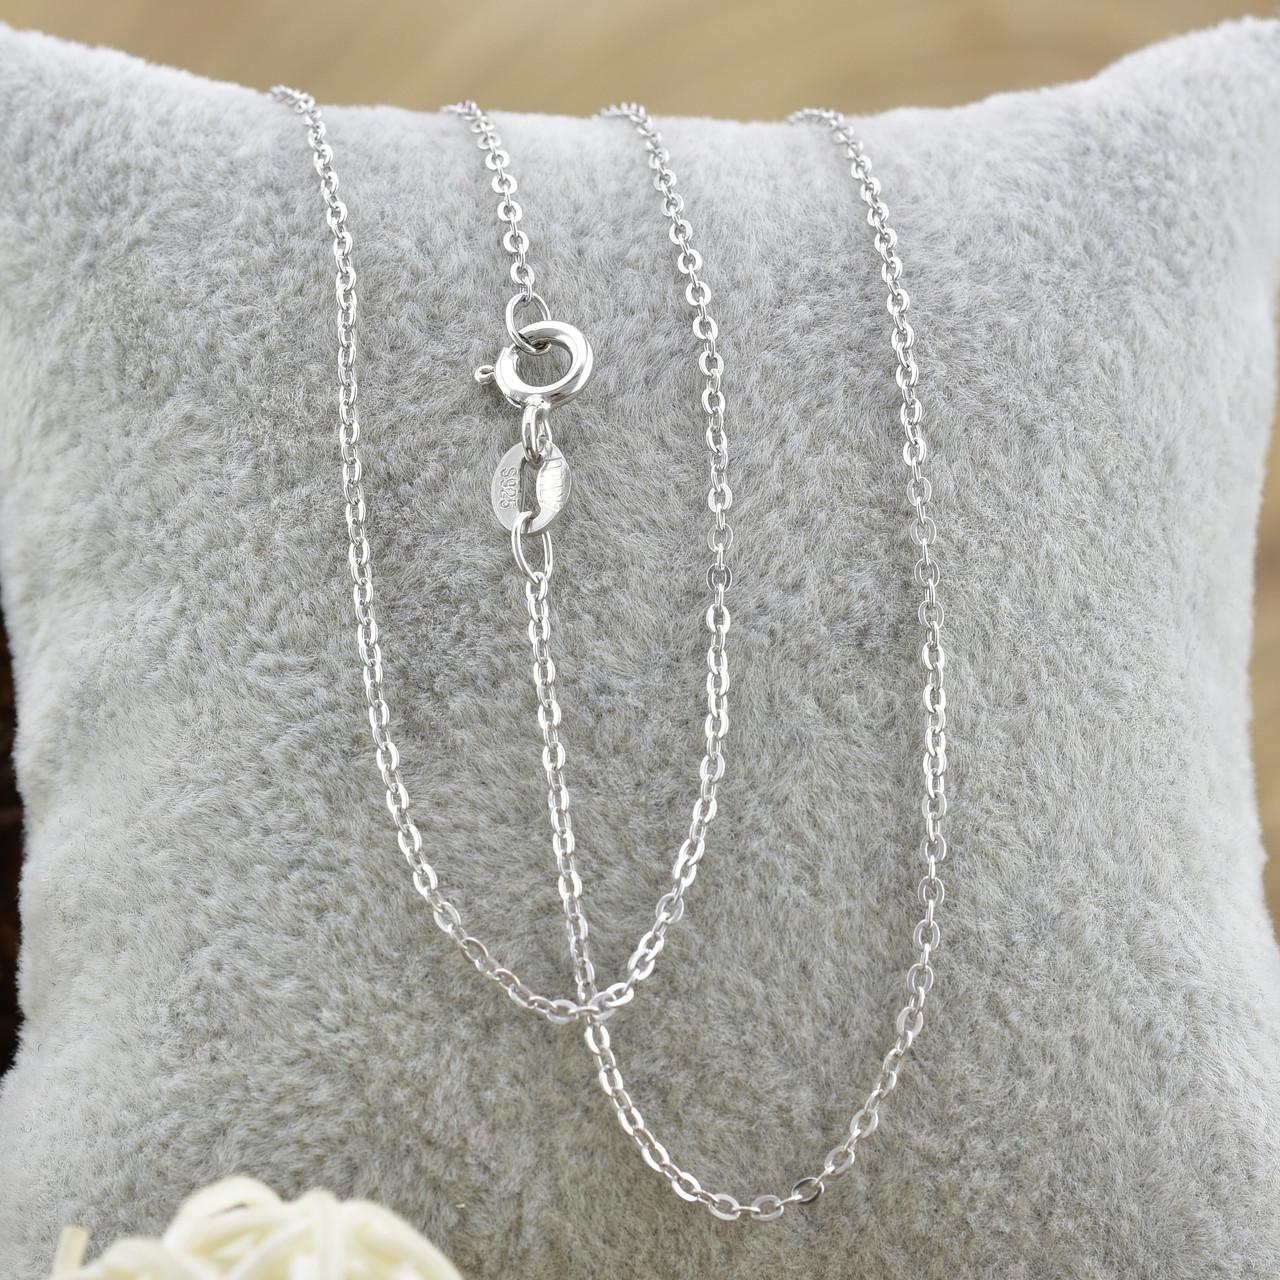 Серебряная цепочка длина 40 см ширина 1 мм вес 1.13 г